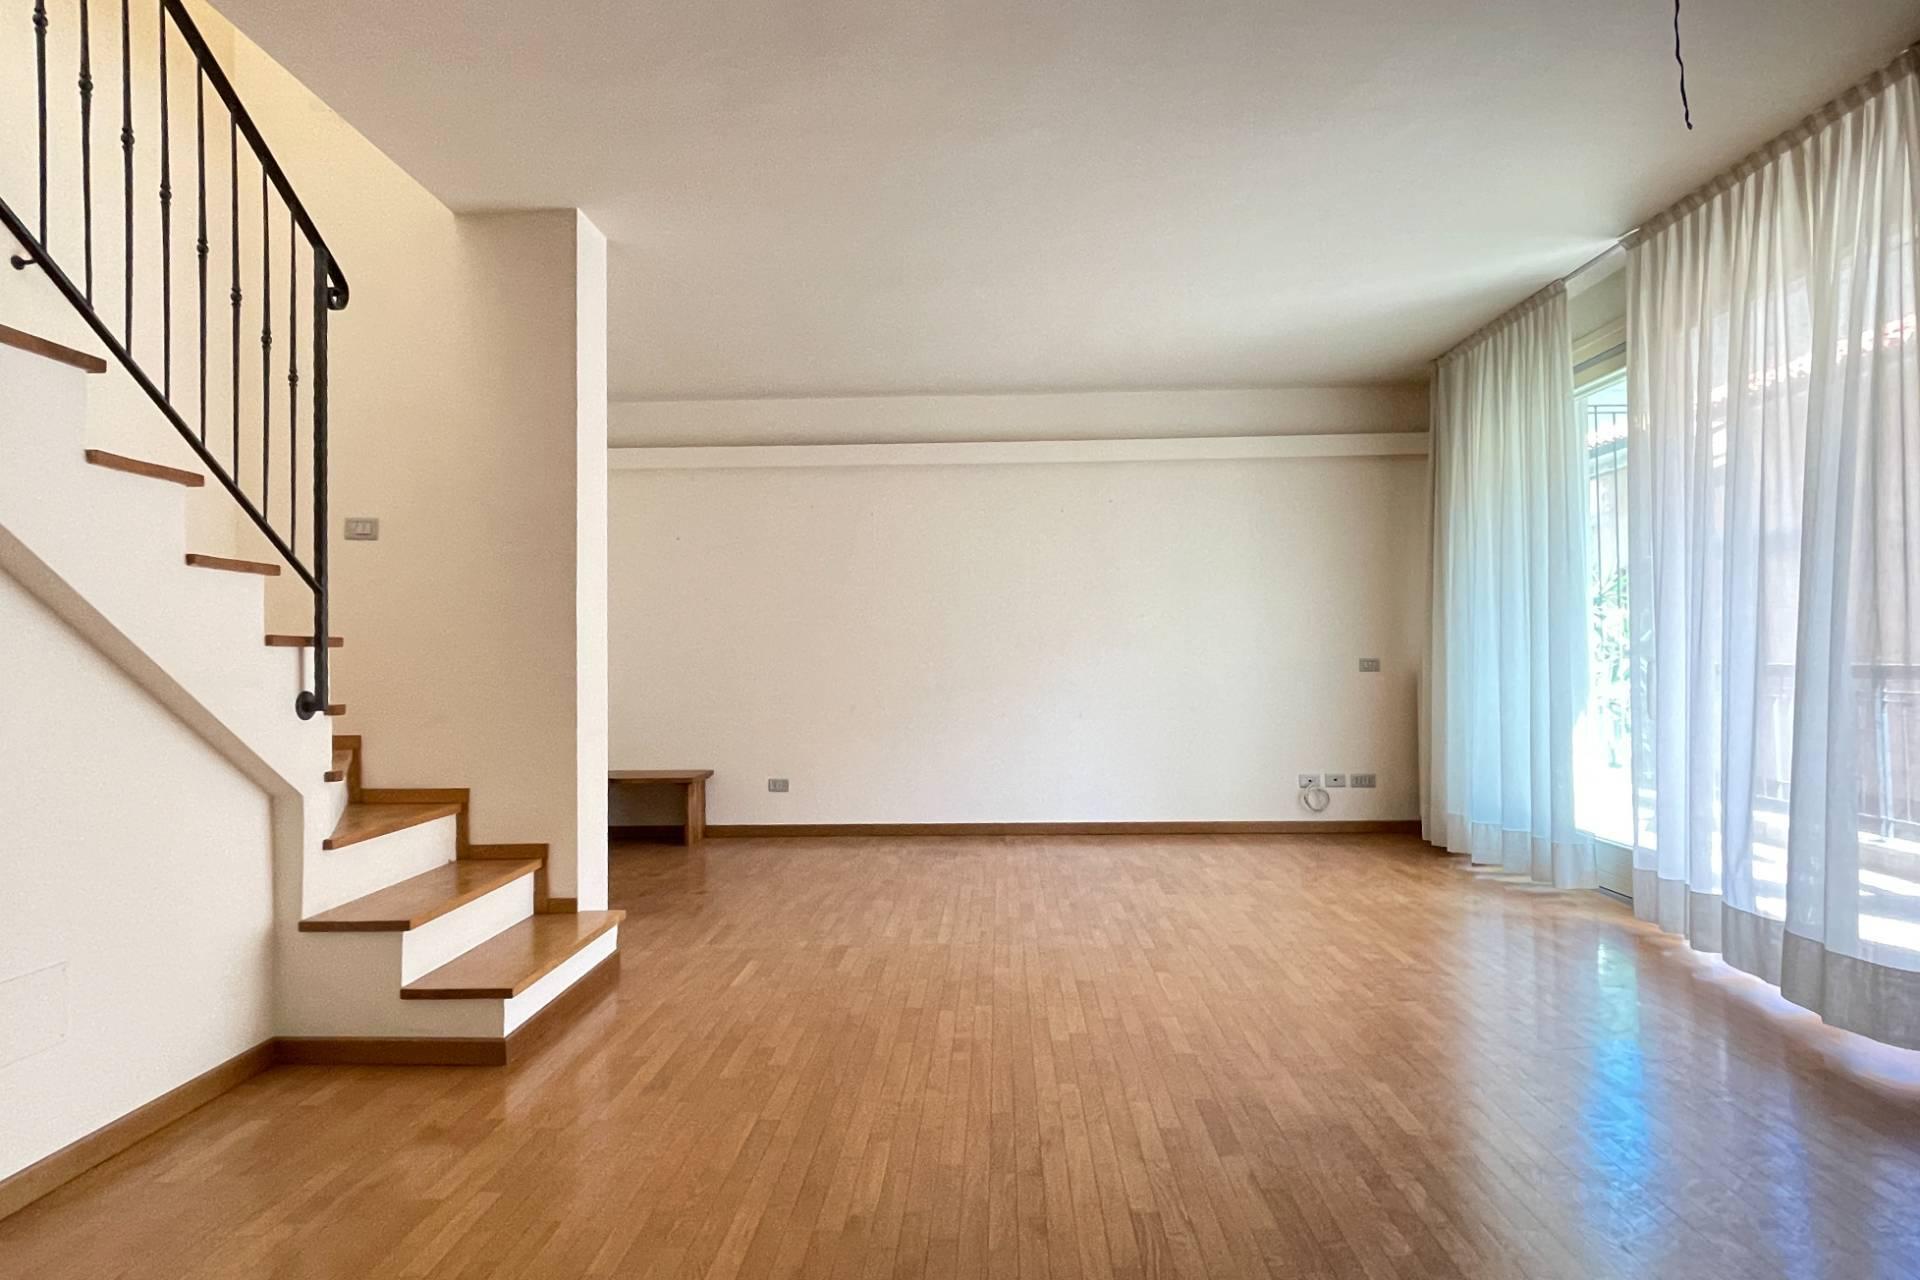 Appartamento in vendita a Pesaro, 4 locali, zona Località: CentroStorico, prezzo € 530.000 | PortaleAgenzieImmobiliari.it